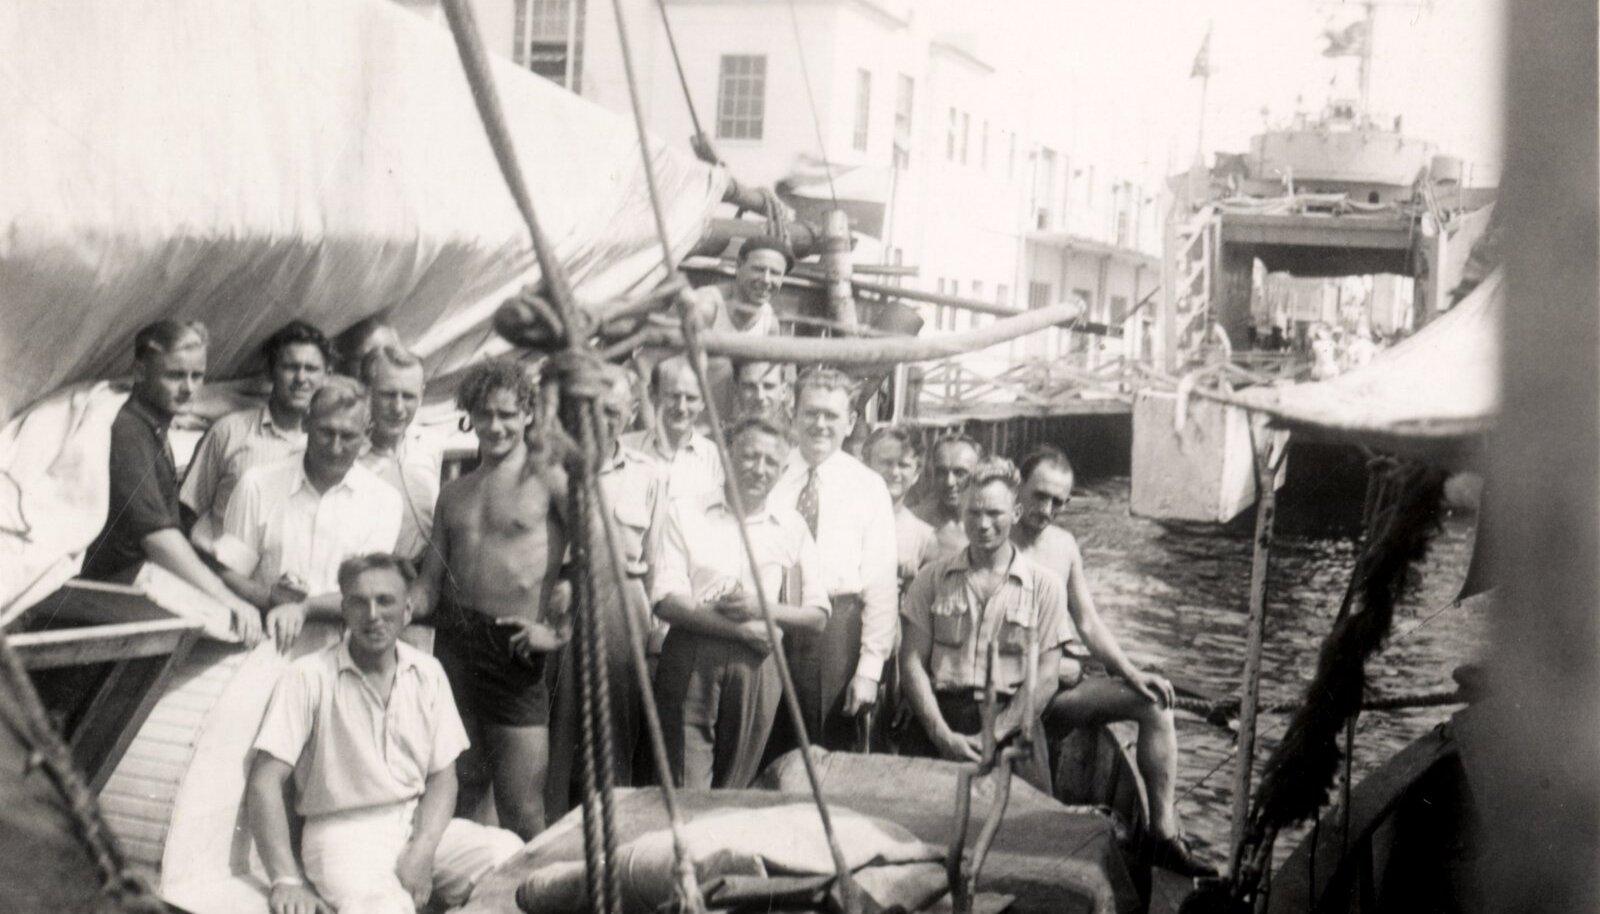 ÕNNELIKULT MIAMIS: Eestlased Linda pardal, millega ületati Atlandi ookean. Lipsuga mees on hilisem Eesti peakonsul New Yorgis Ernst Jaakson. Foto 18. oktoobril 1946.